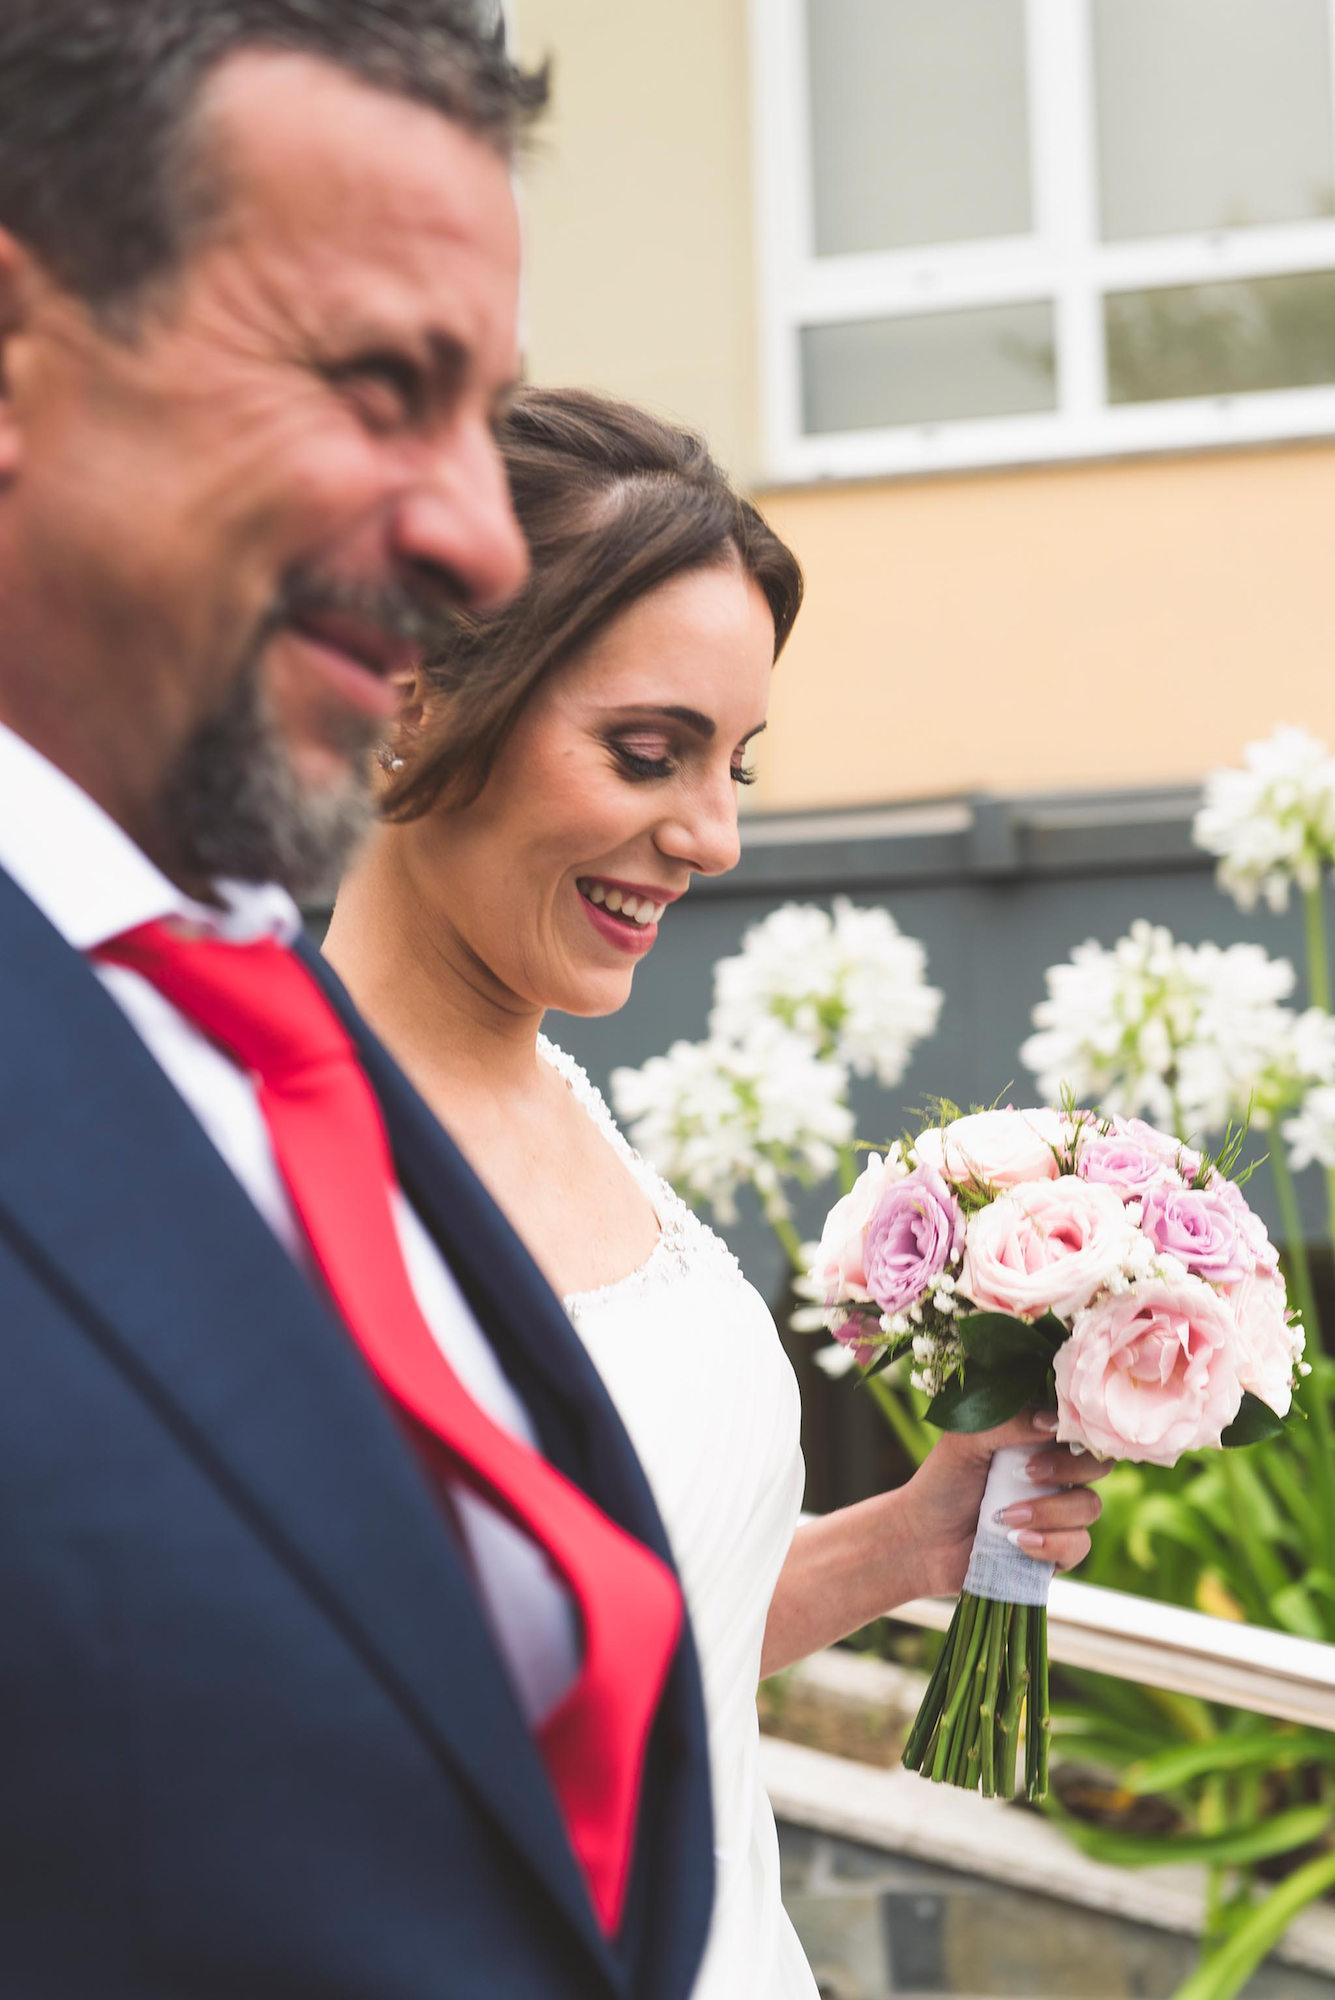 La novia sonriendo mientras llega a la ceremonia con el padrino, su padre.